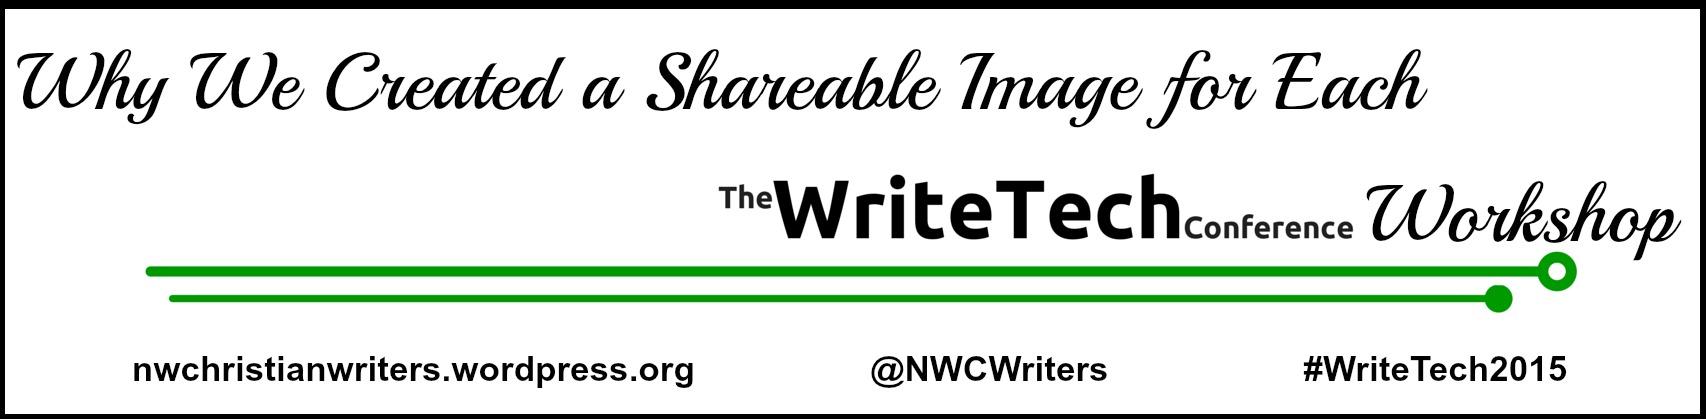 WriteTech image blog